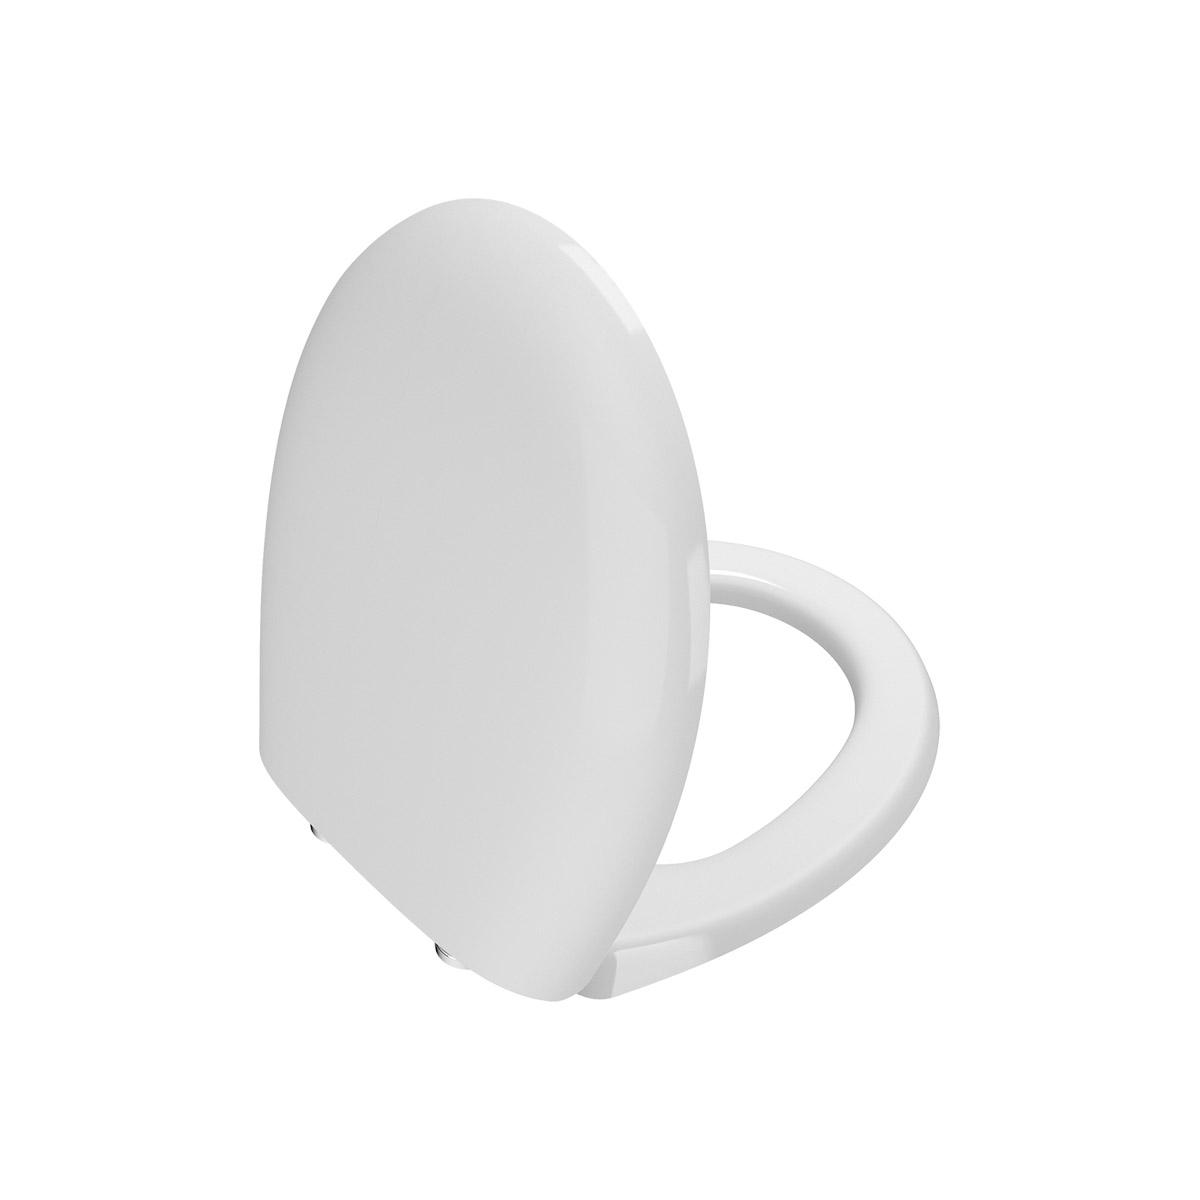 Memoria WC-Sitz mit Absenkautomatik, Weiß